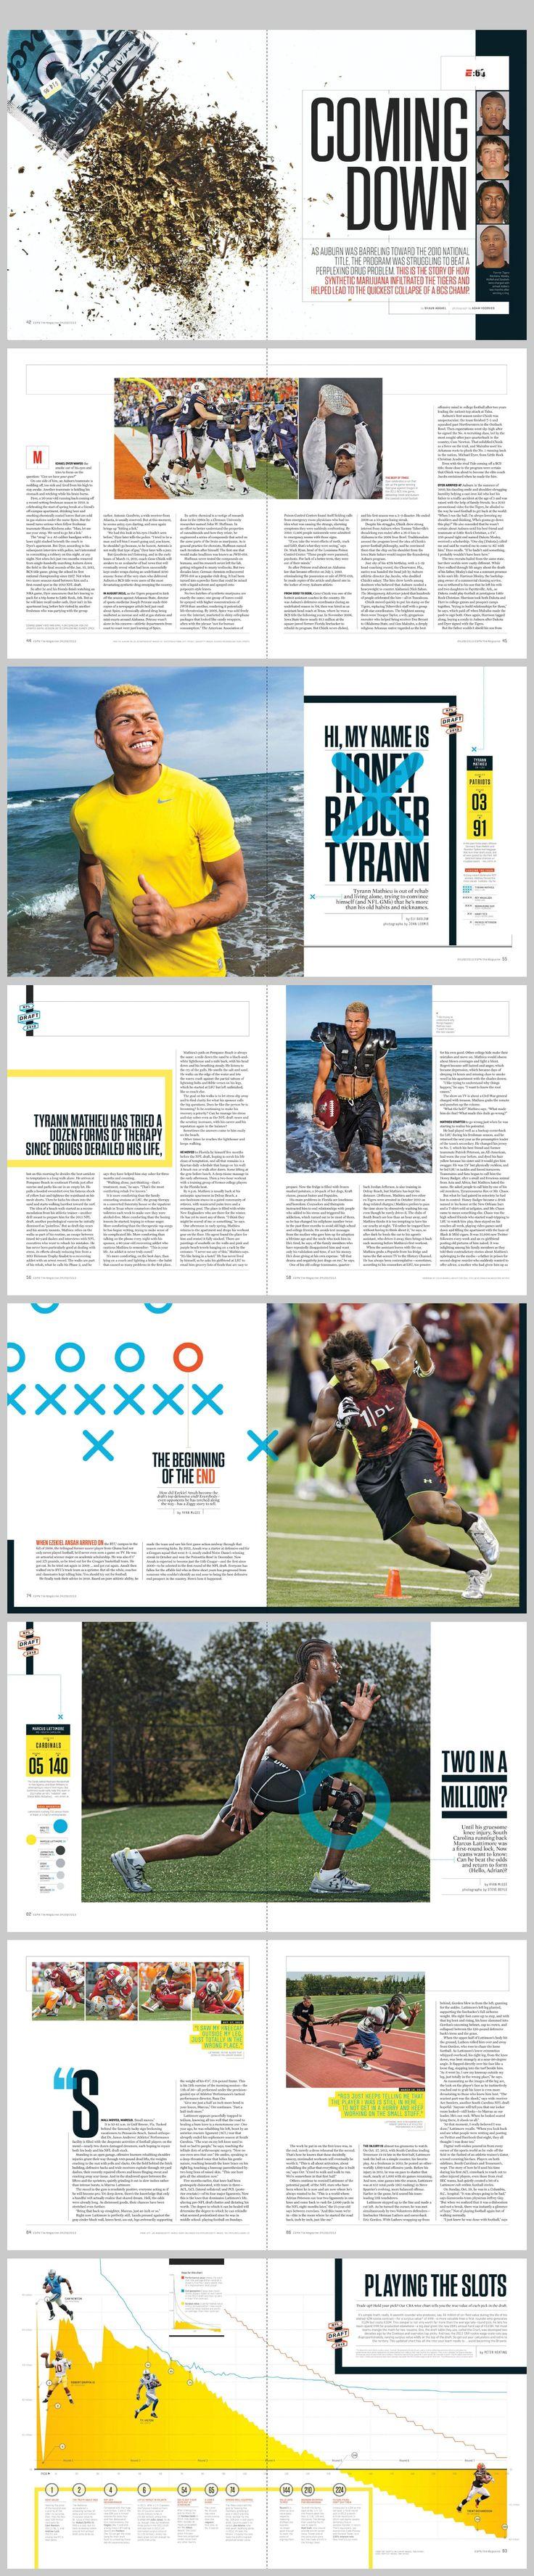 espn magazine April 29, 2013